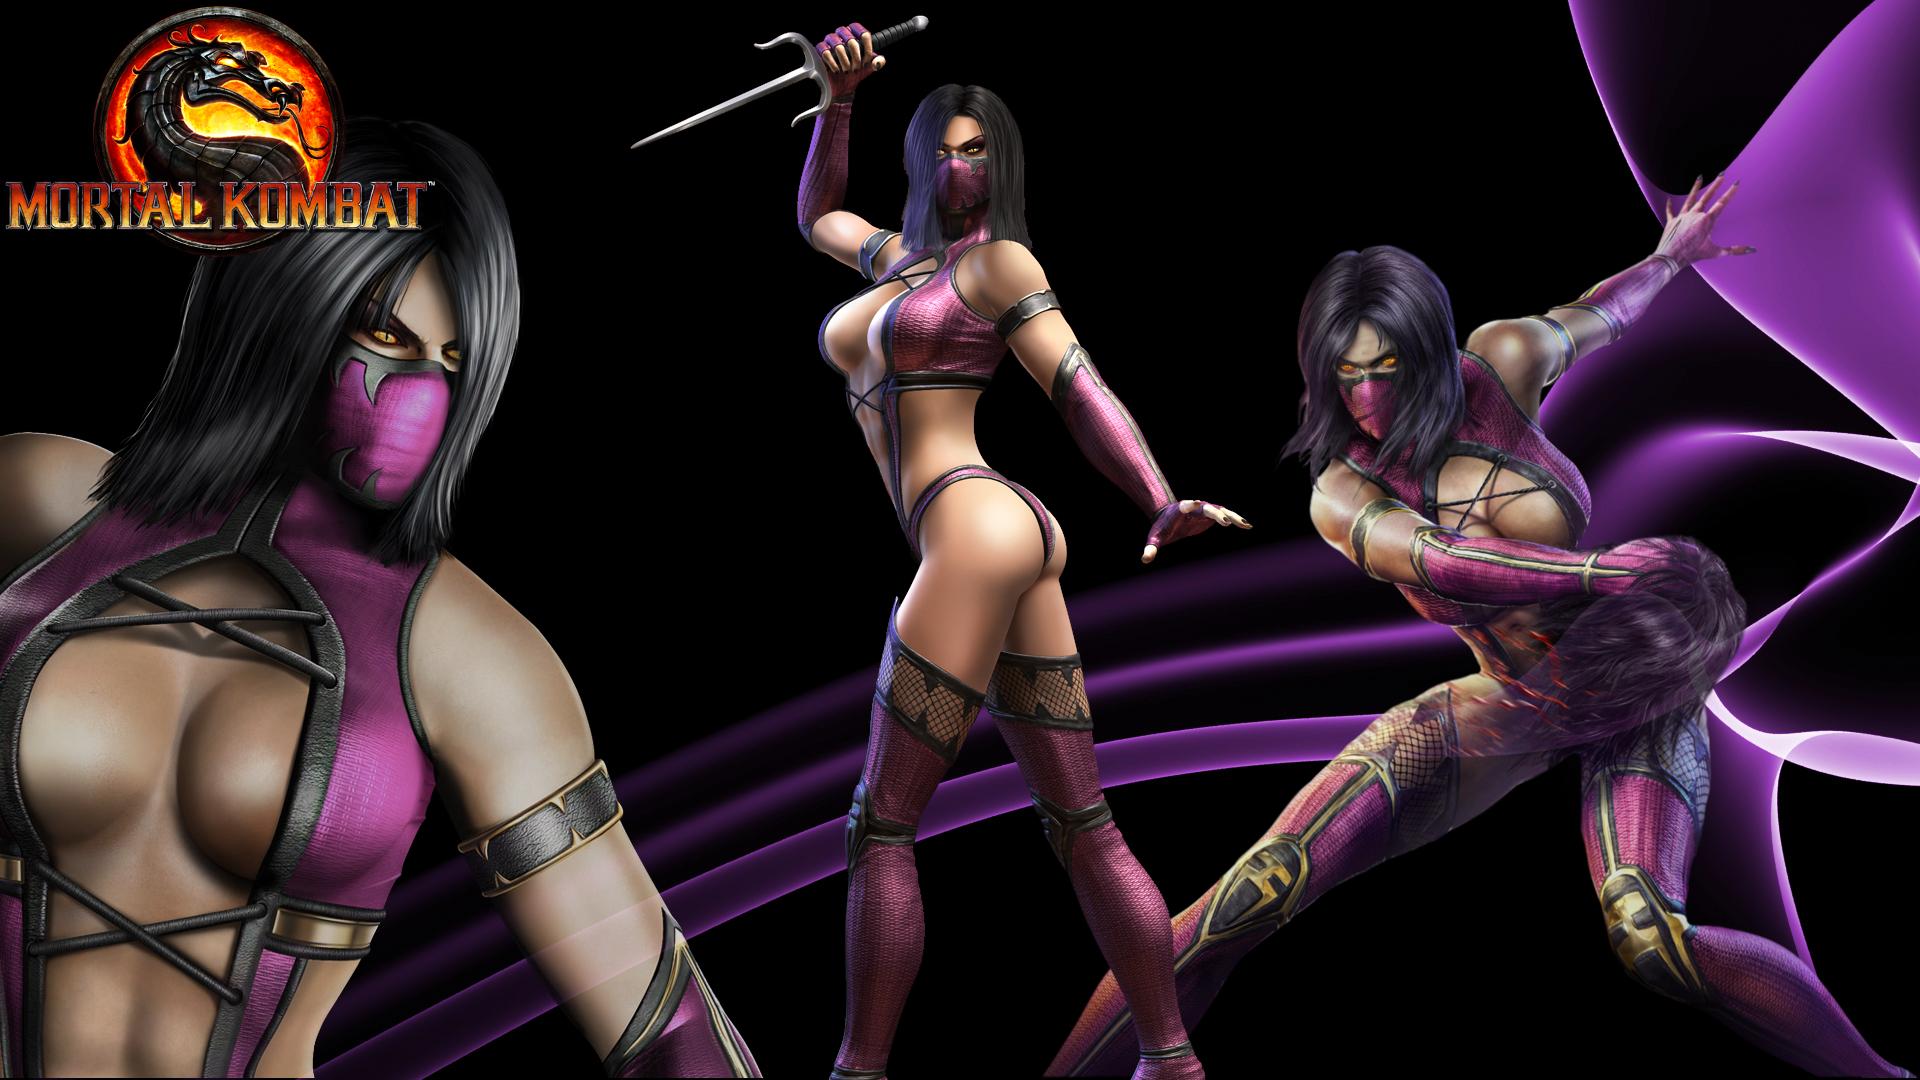 Mortal kombat female characters nude pic erotic galleries